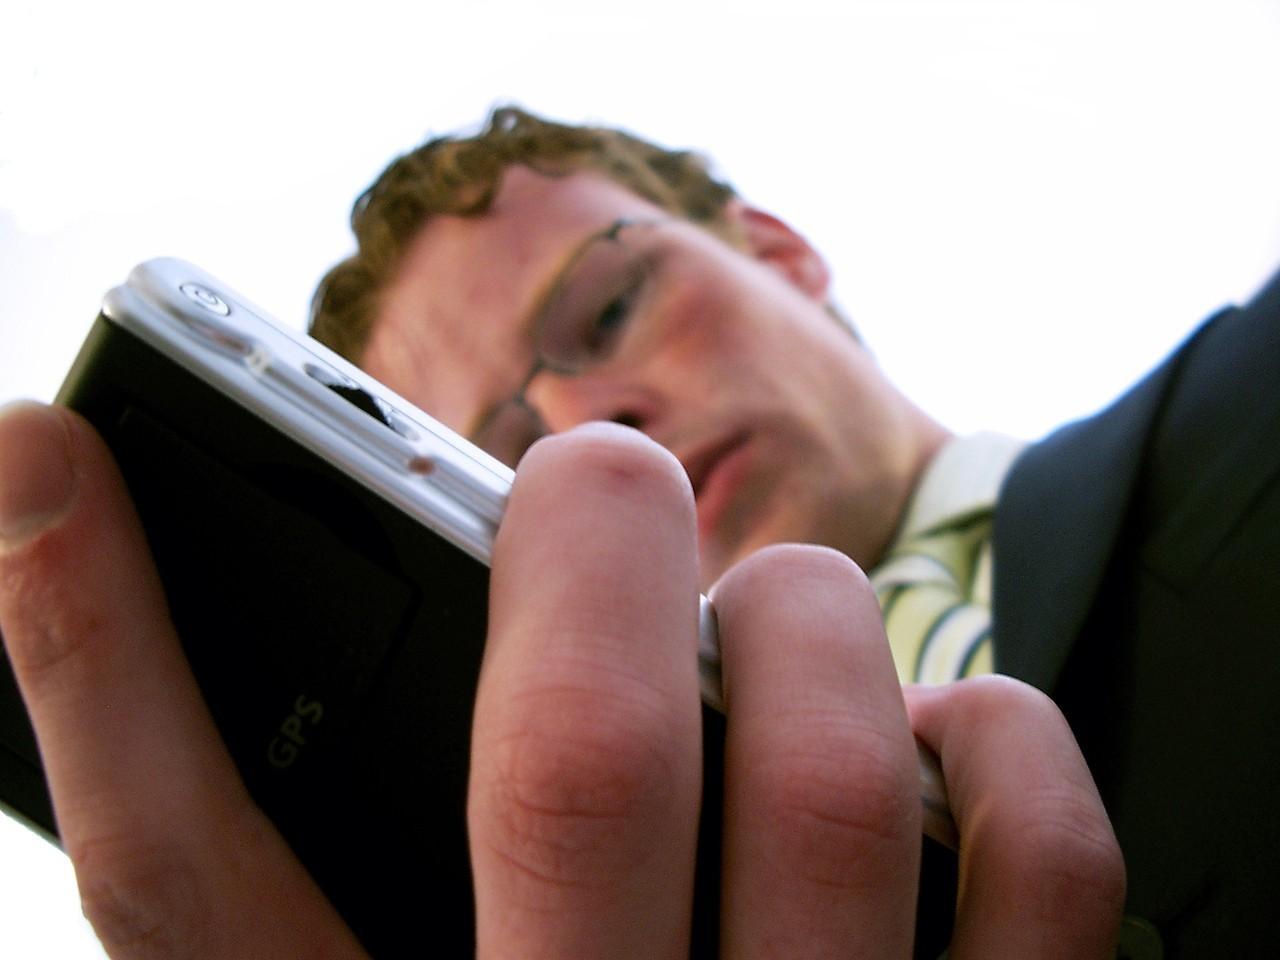 Smartfon czy GPS?